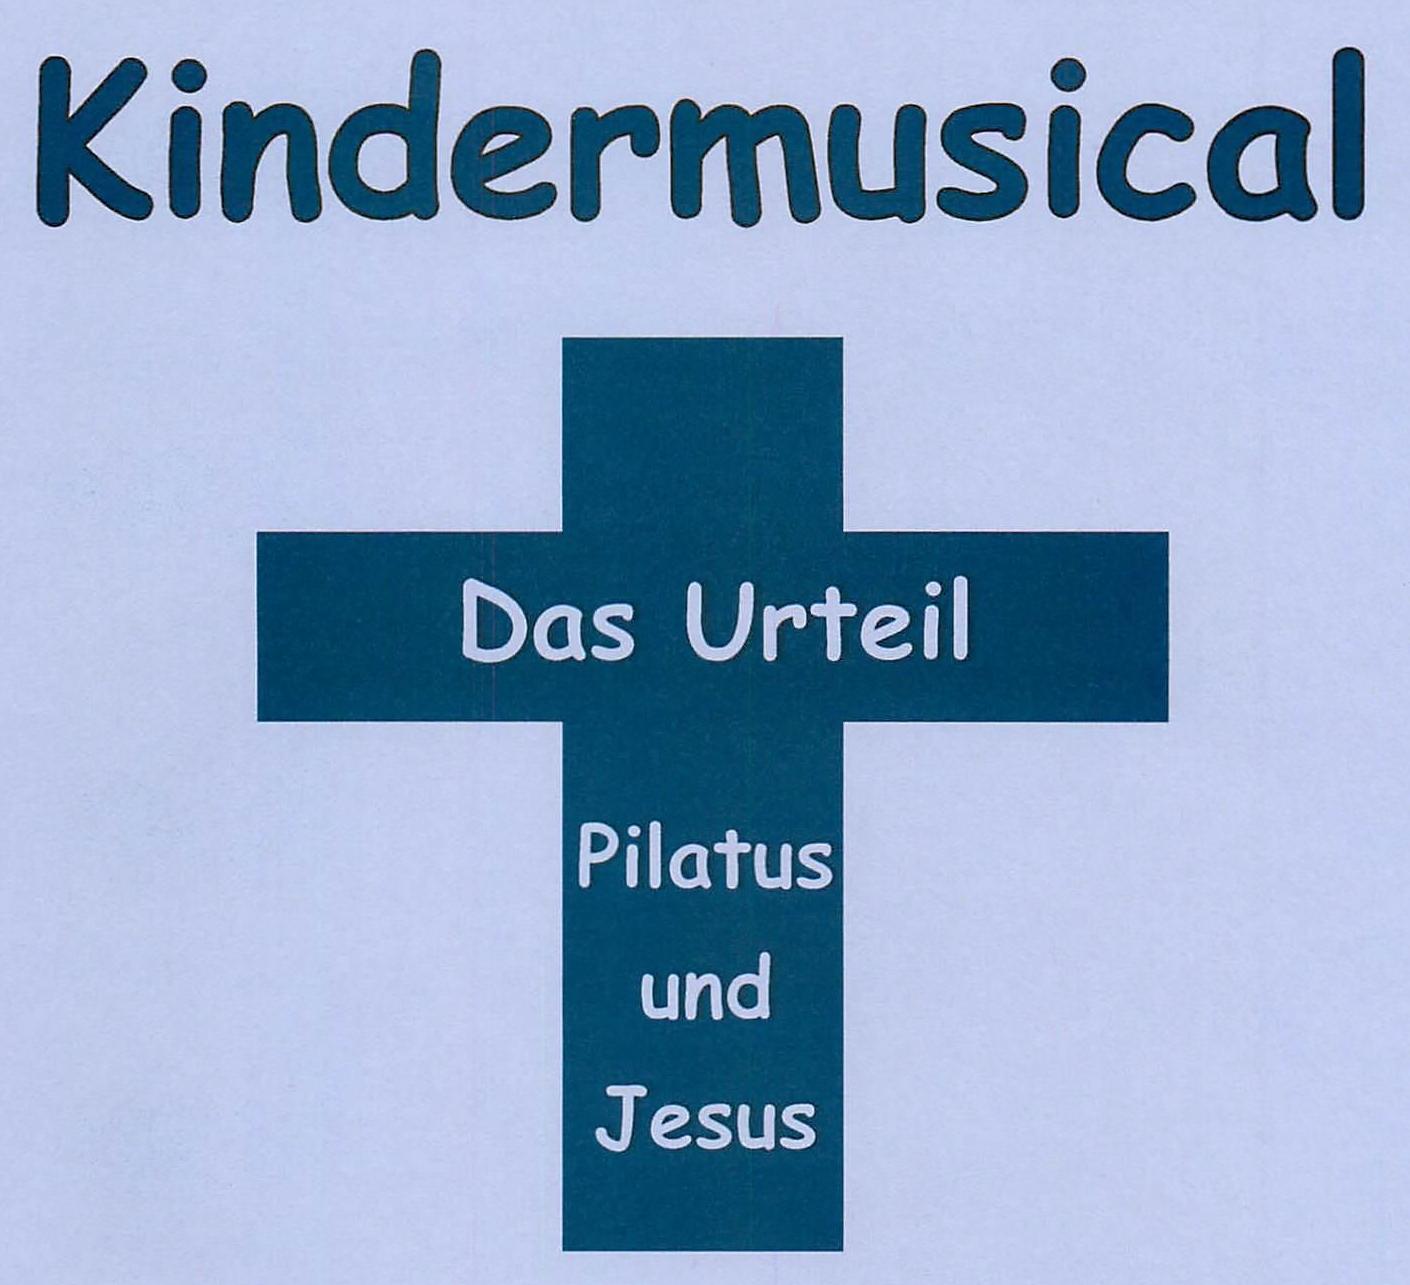 Neues Kindermusical: Das Urteil – Pilatus und Jesus